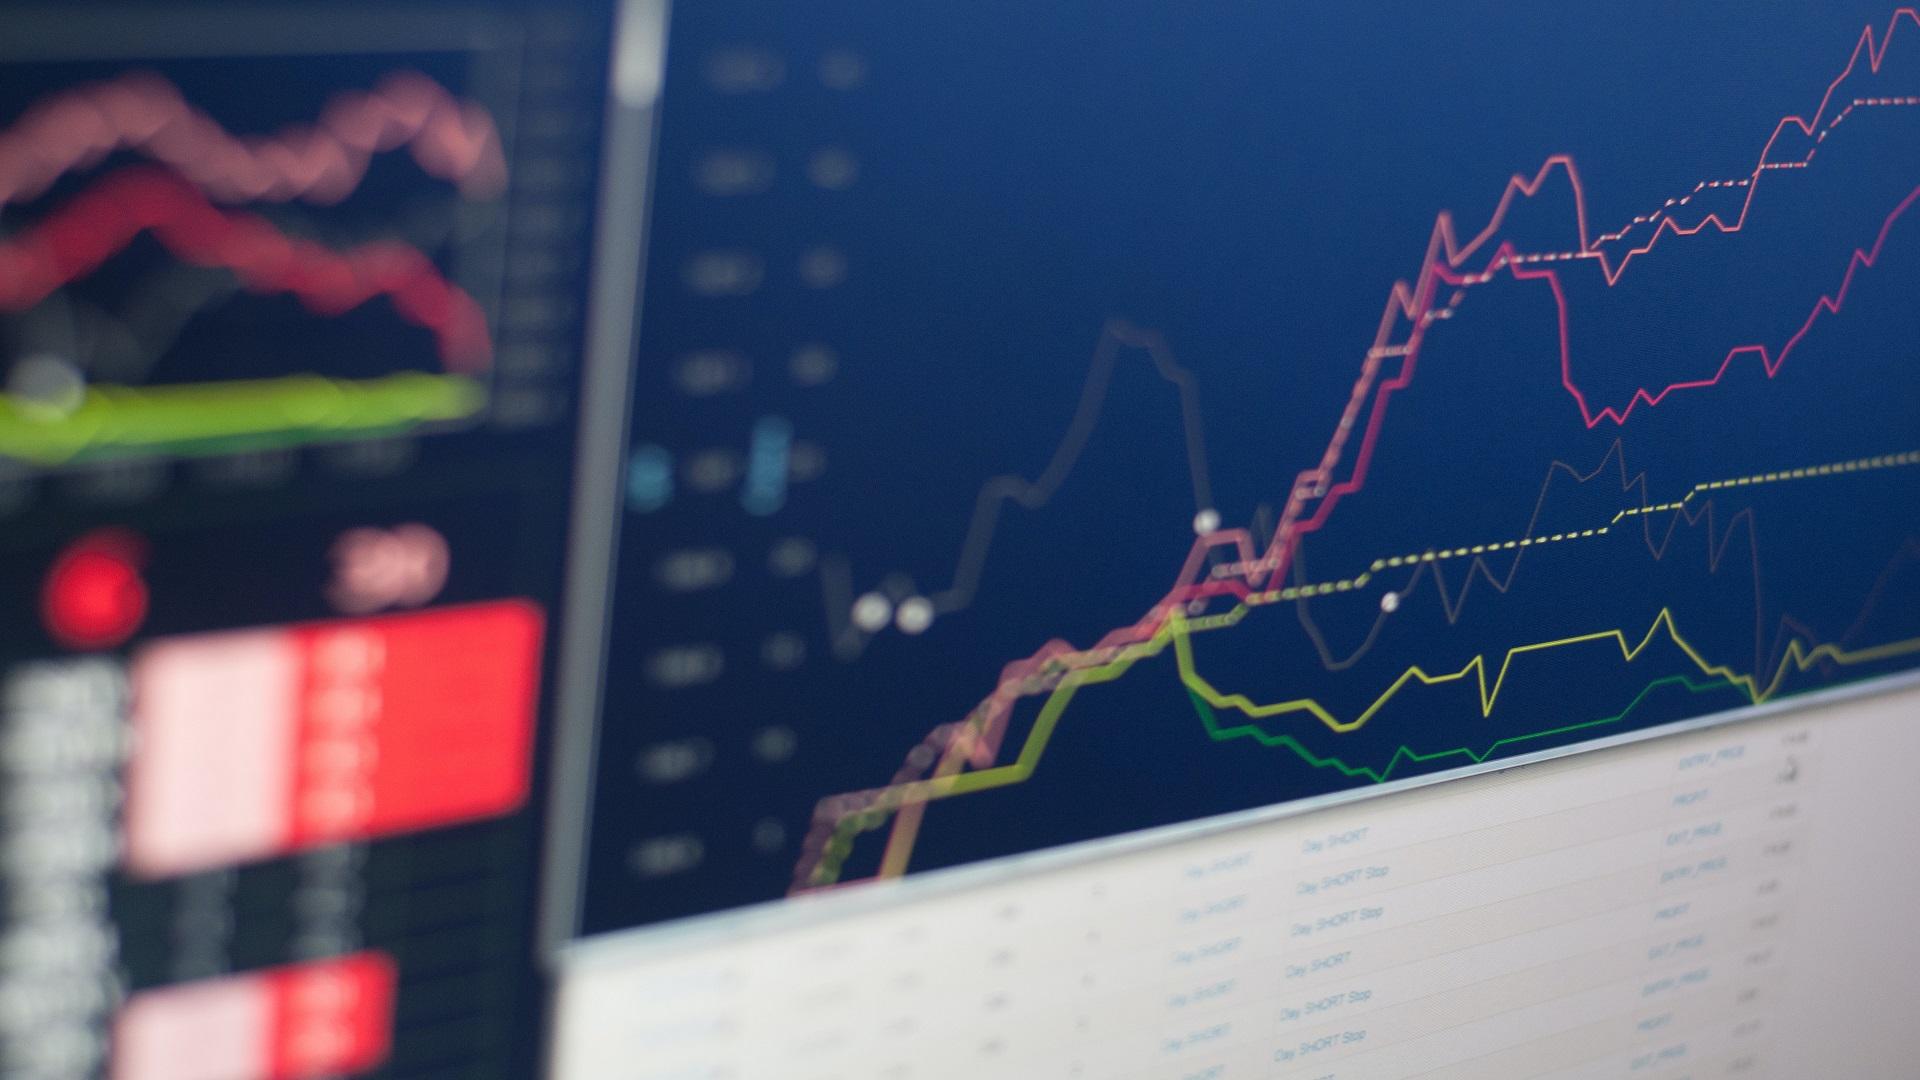 【初心者向け】ネット証券の始め方やおすすめの口座を徹底解説